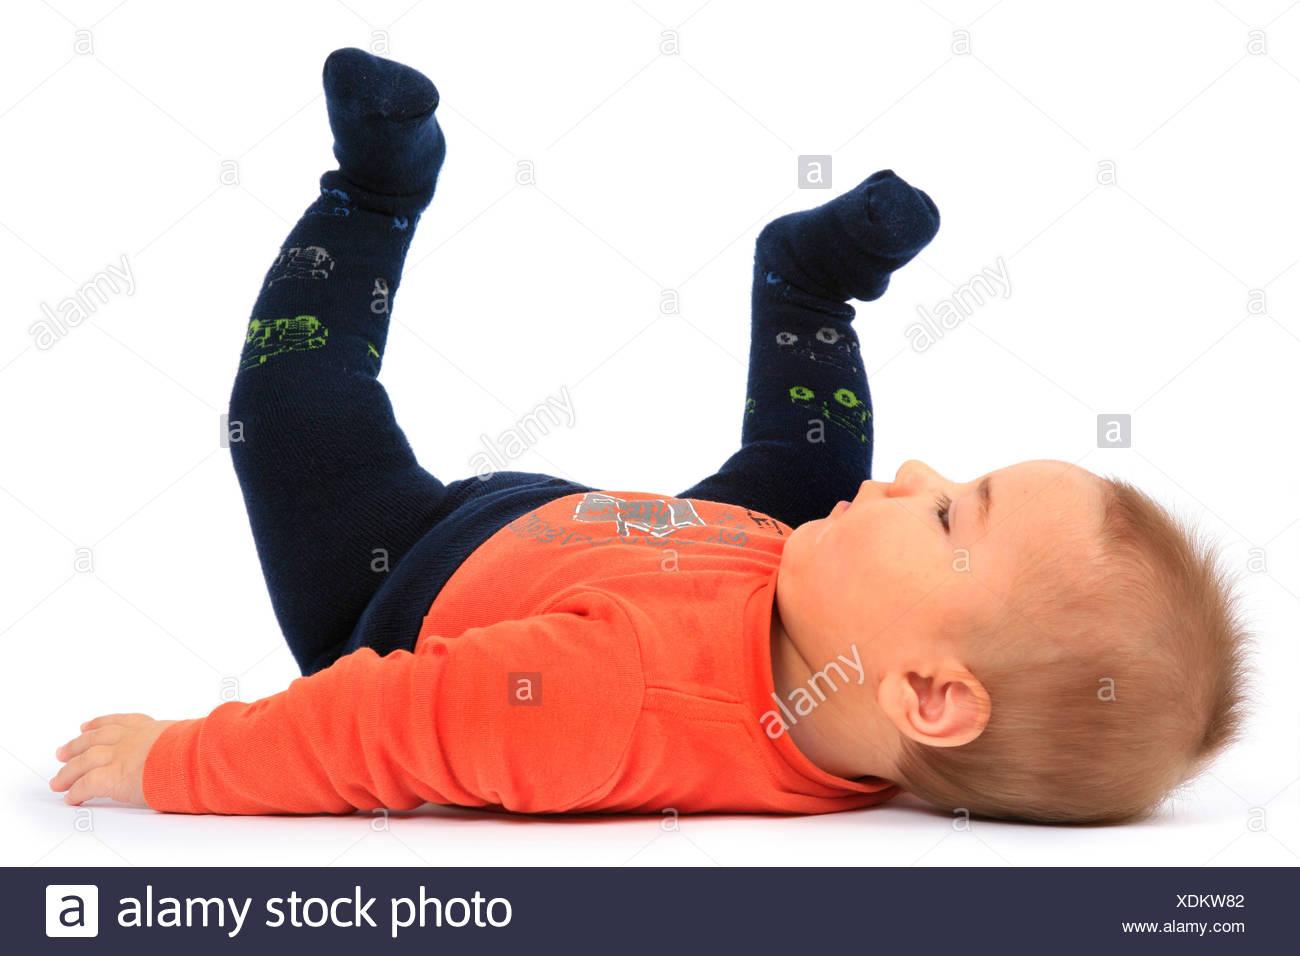 lying baby - Stock Image